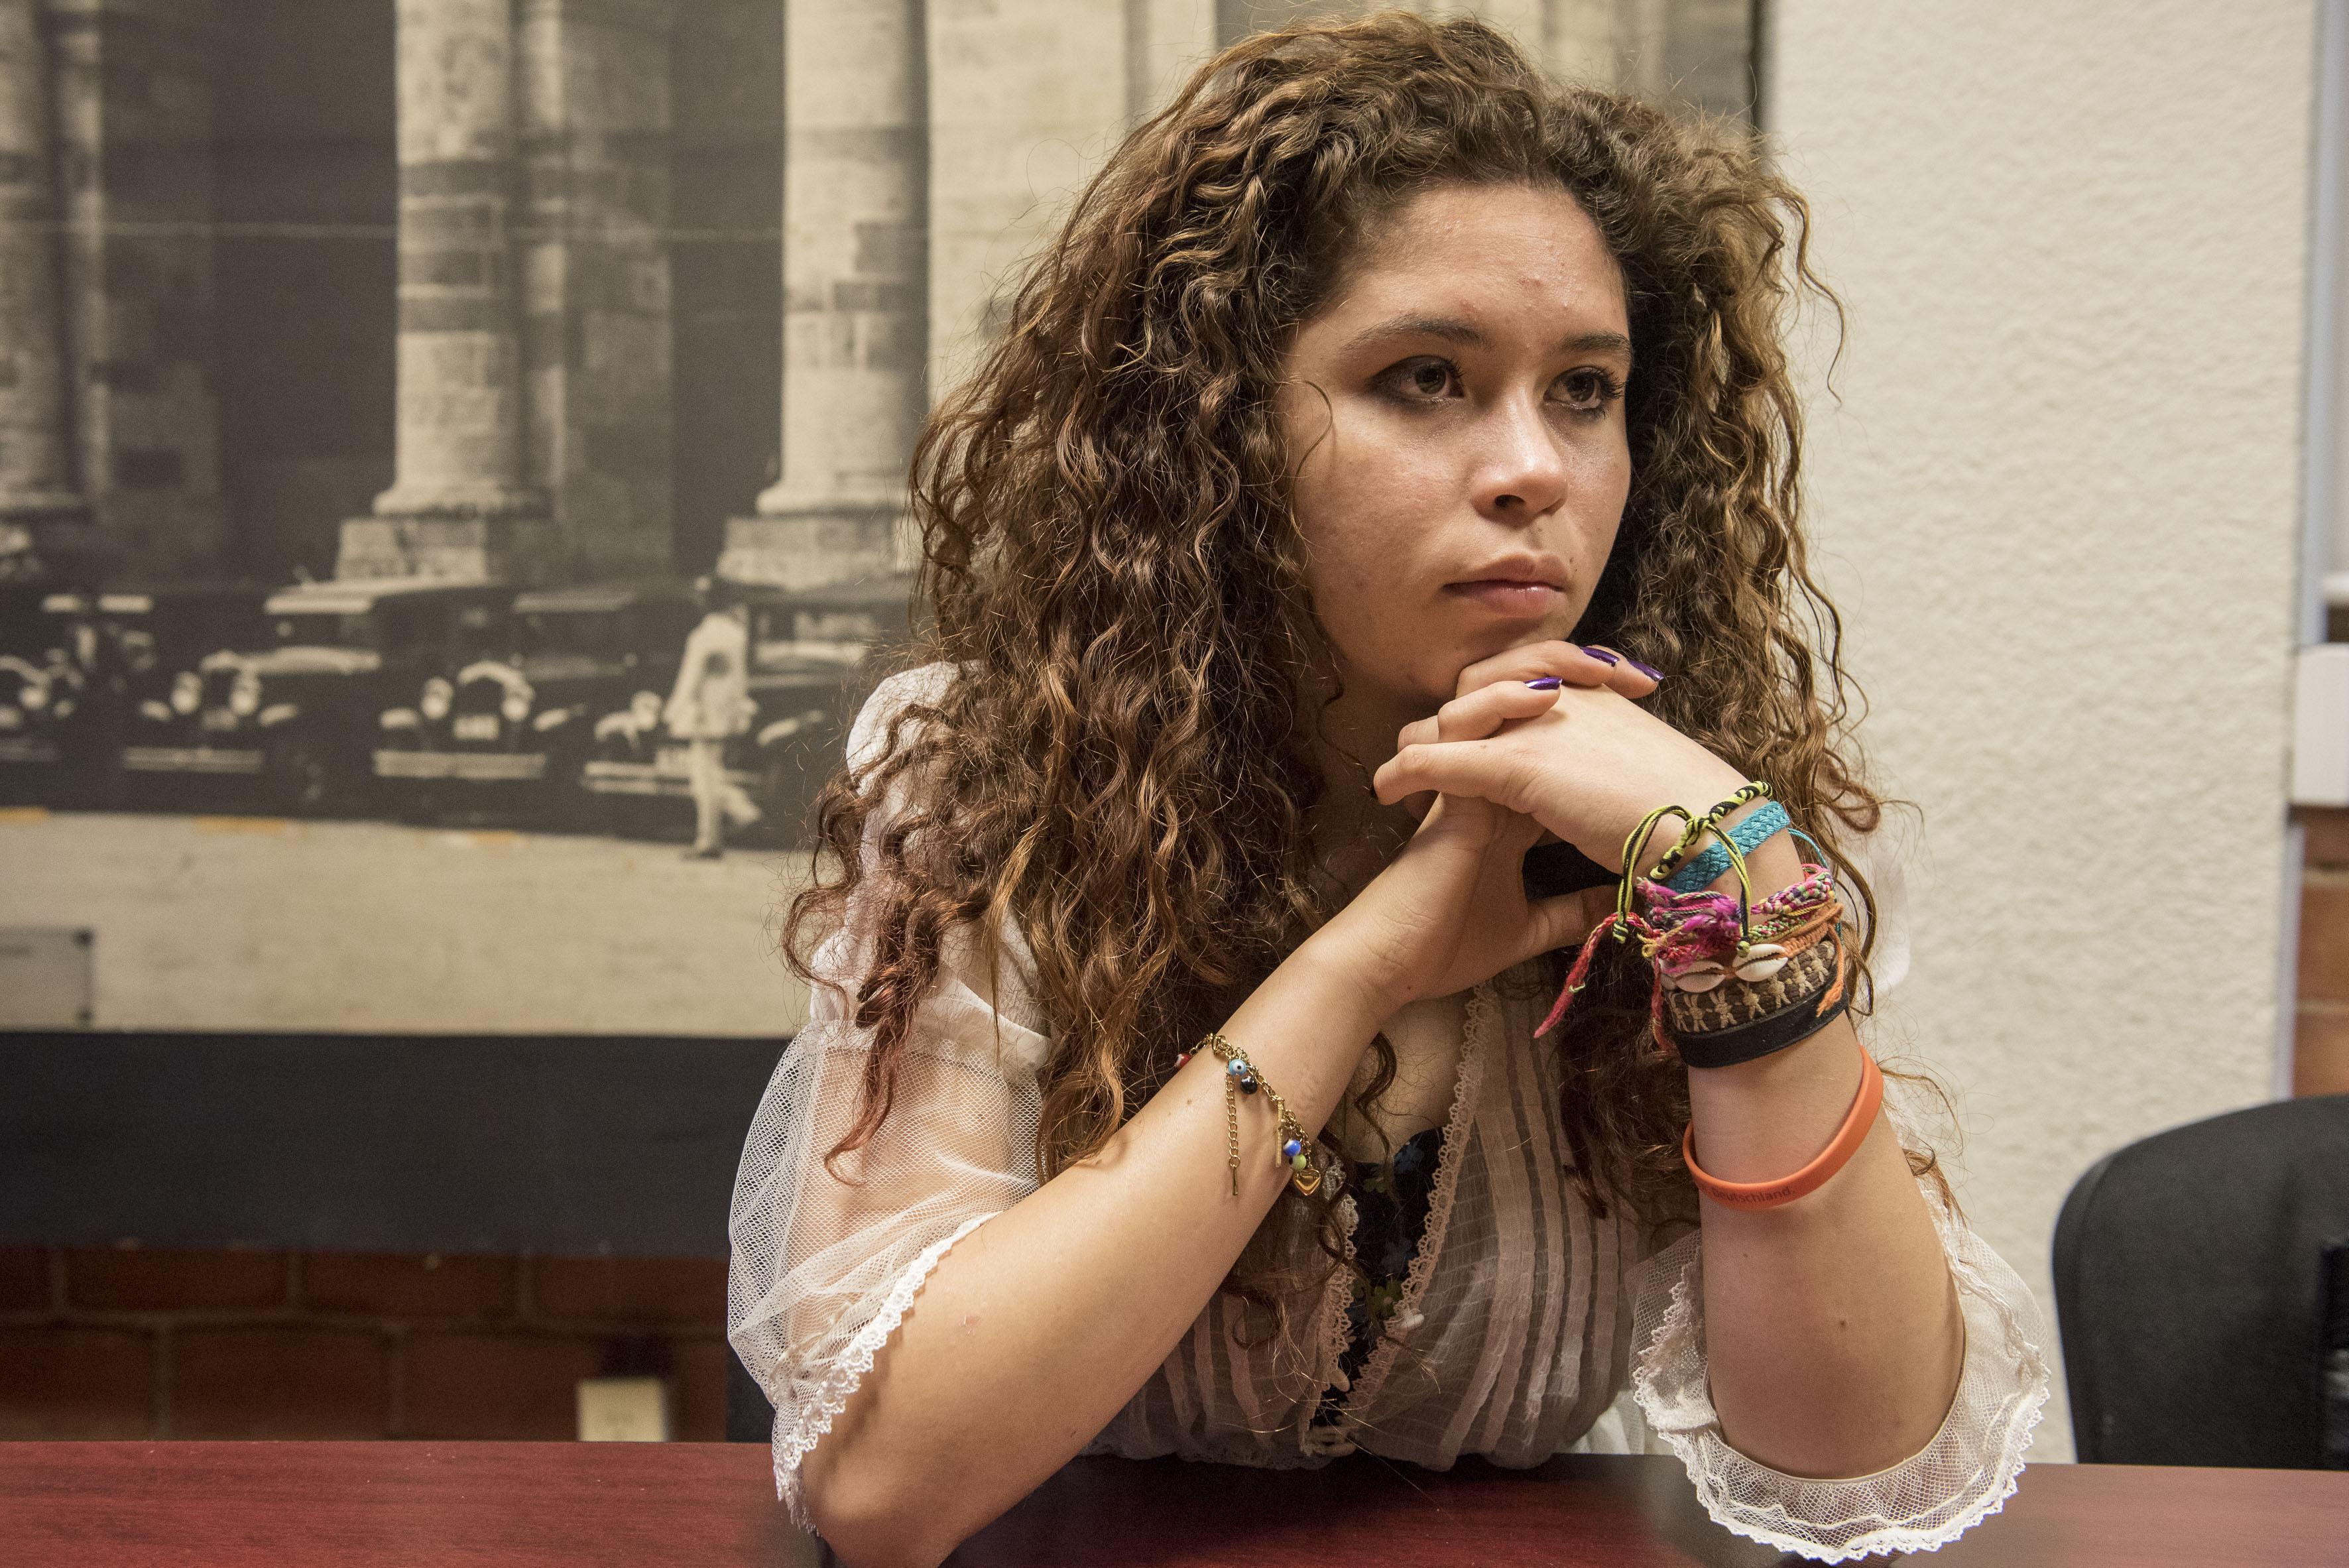 Ganadora de la olimpiada mexicana de filosofía, en la categoría de Lengua Extranjera.